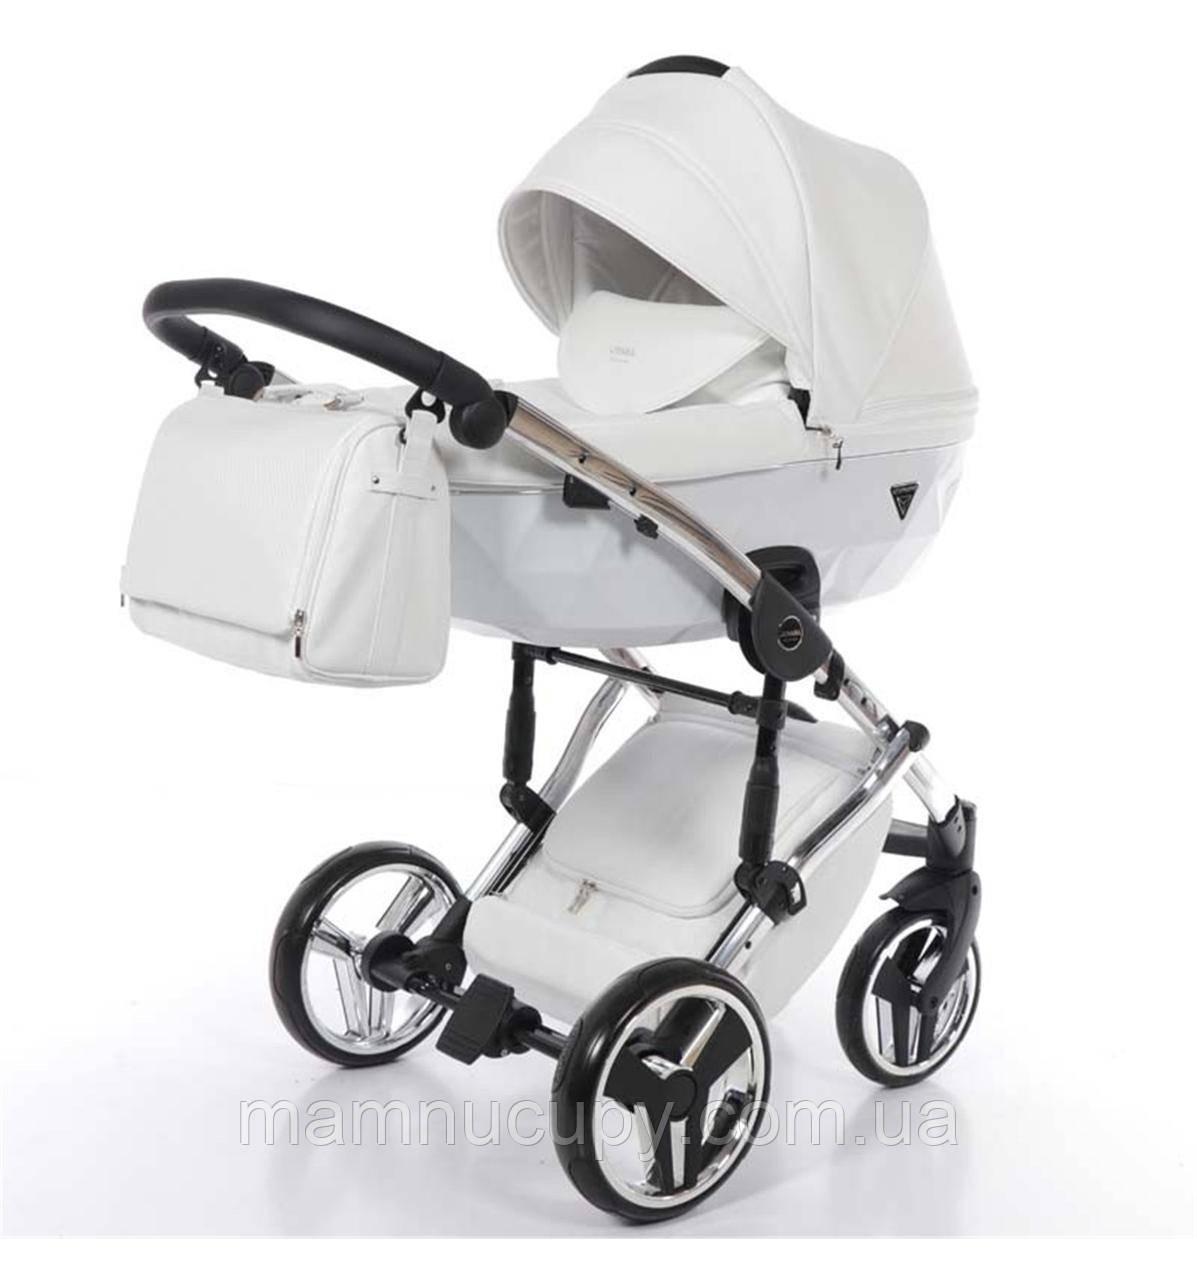 Детская универсальная коляска 2 в 1 Tako Junama Diamond Individual 05